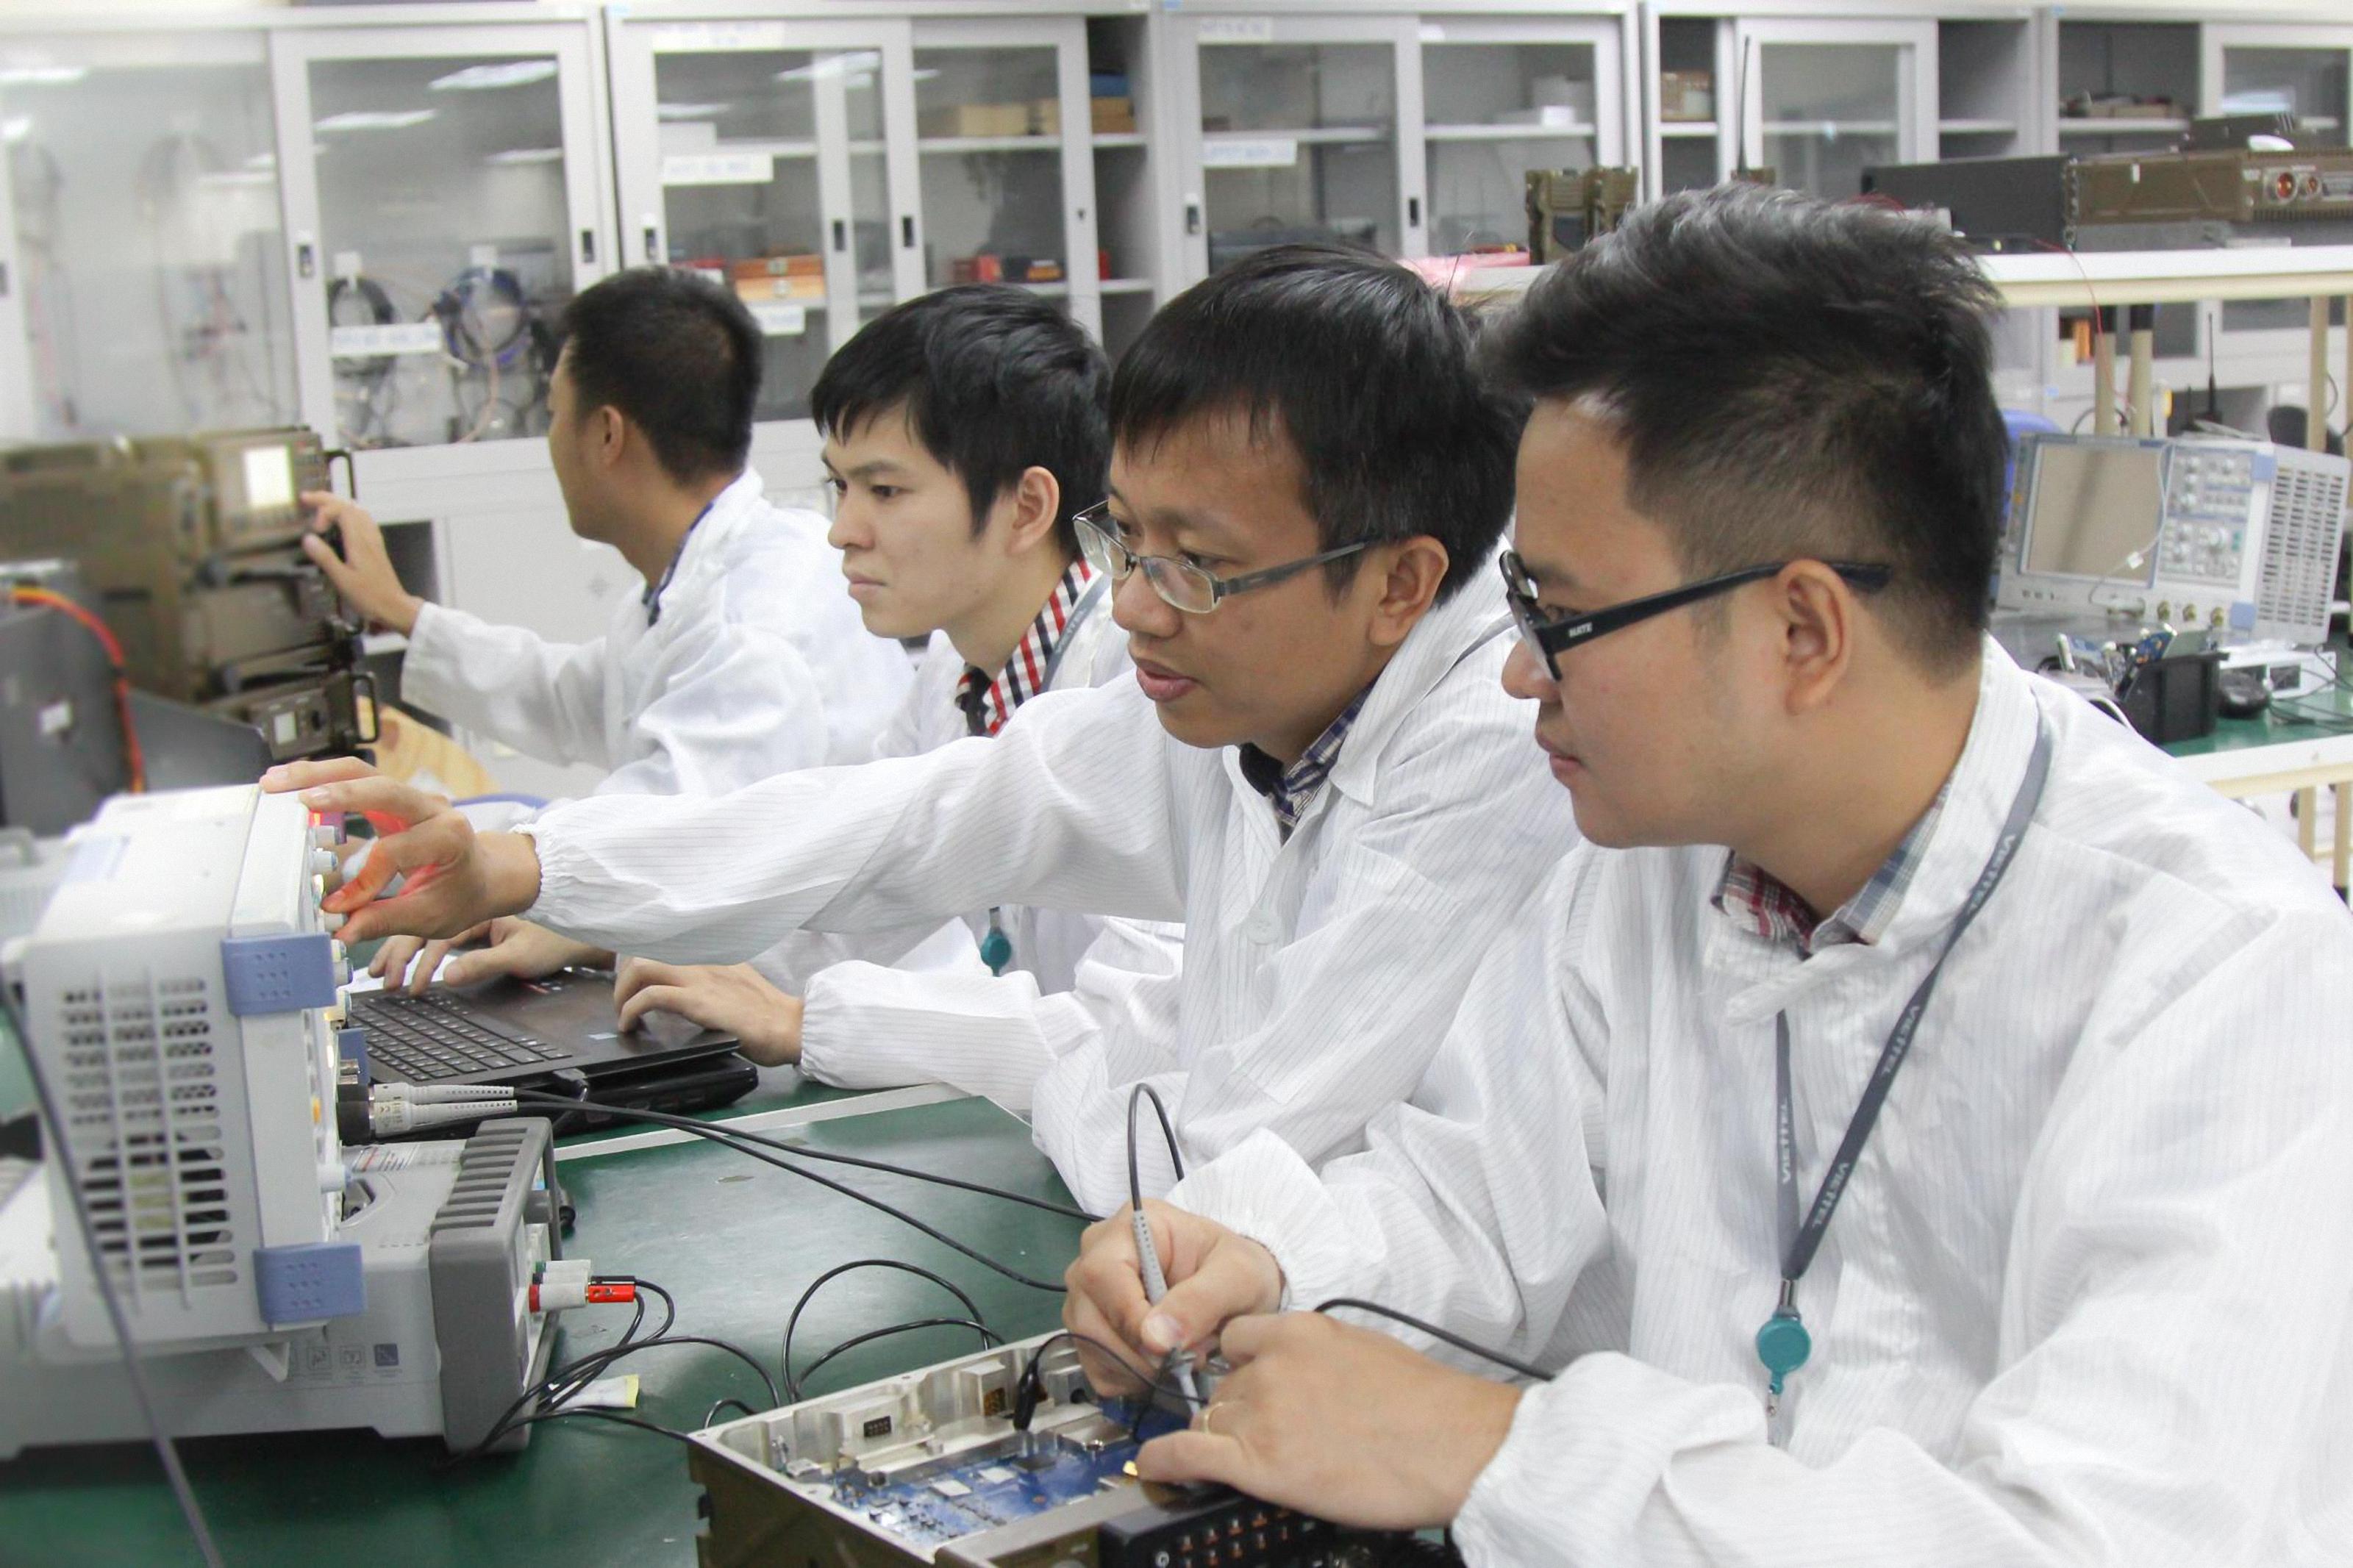 Các kỹ sư của Viettel thử nghiệm thiết bị thông tin quân sự. Ảnh: Trần Thọ/QĐND